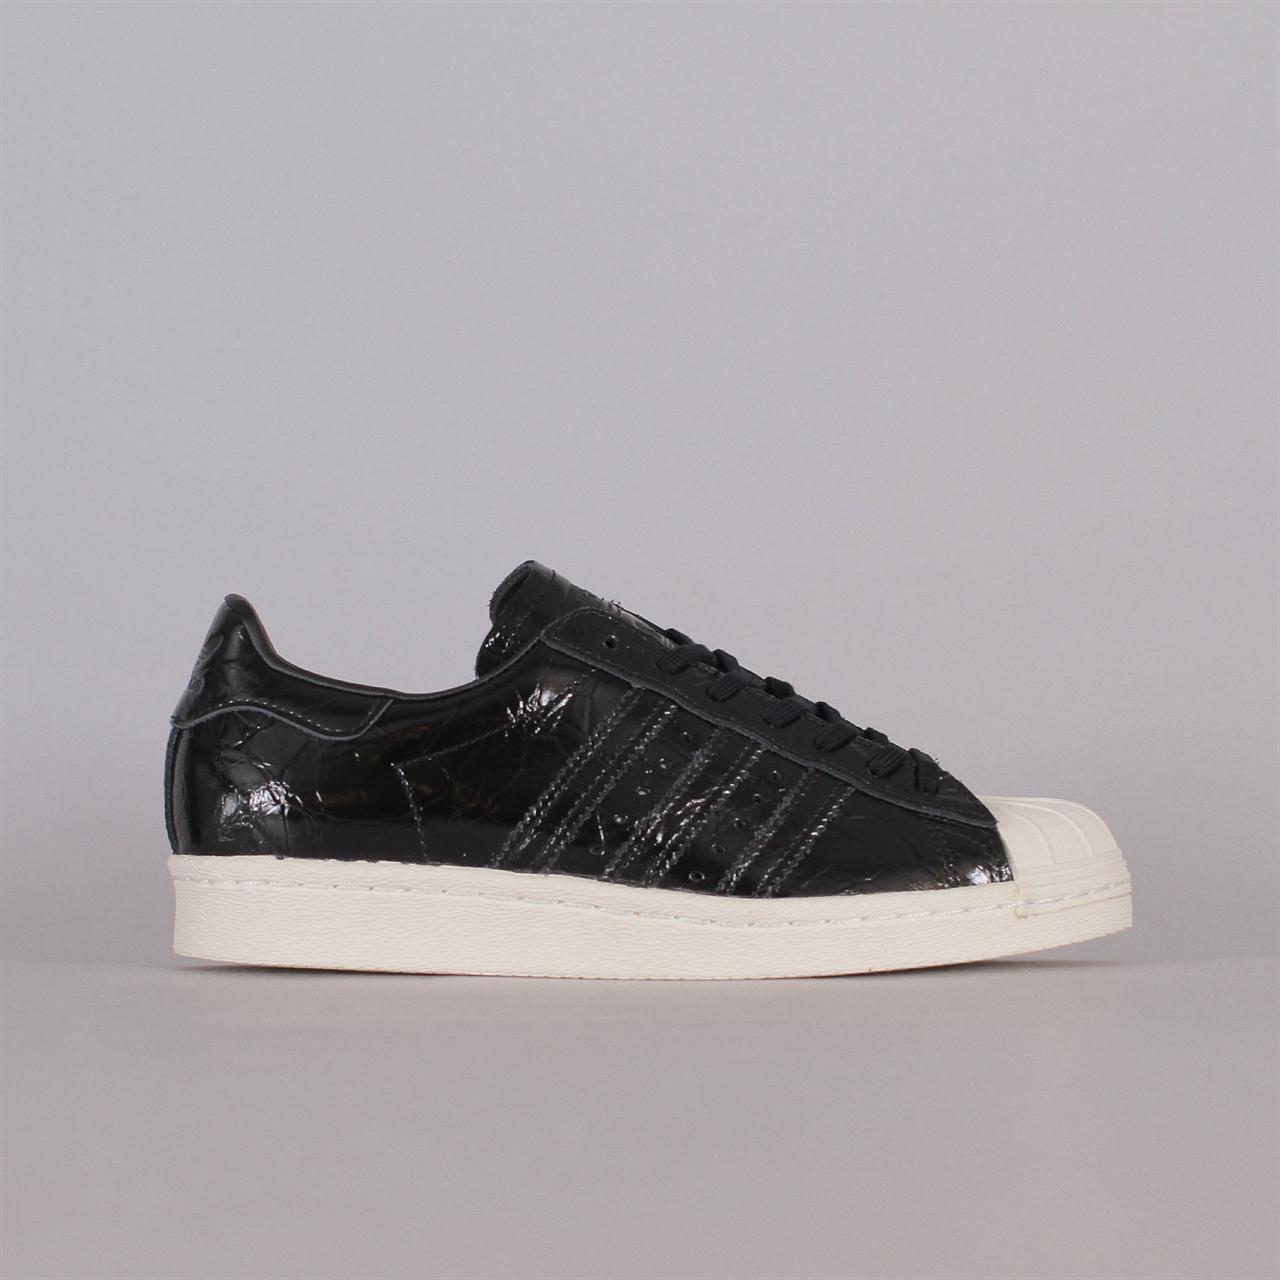 2bdc10cdd1d Adidas Originals Womens Superstar 80s (BB2055) - Shelta